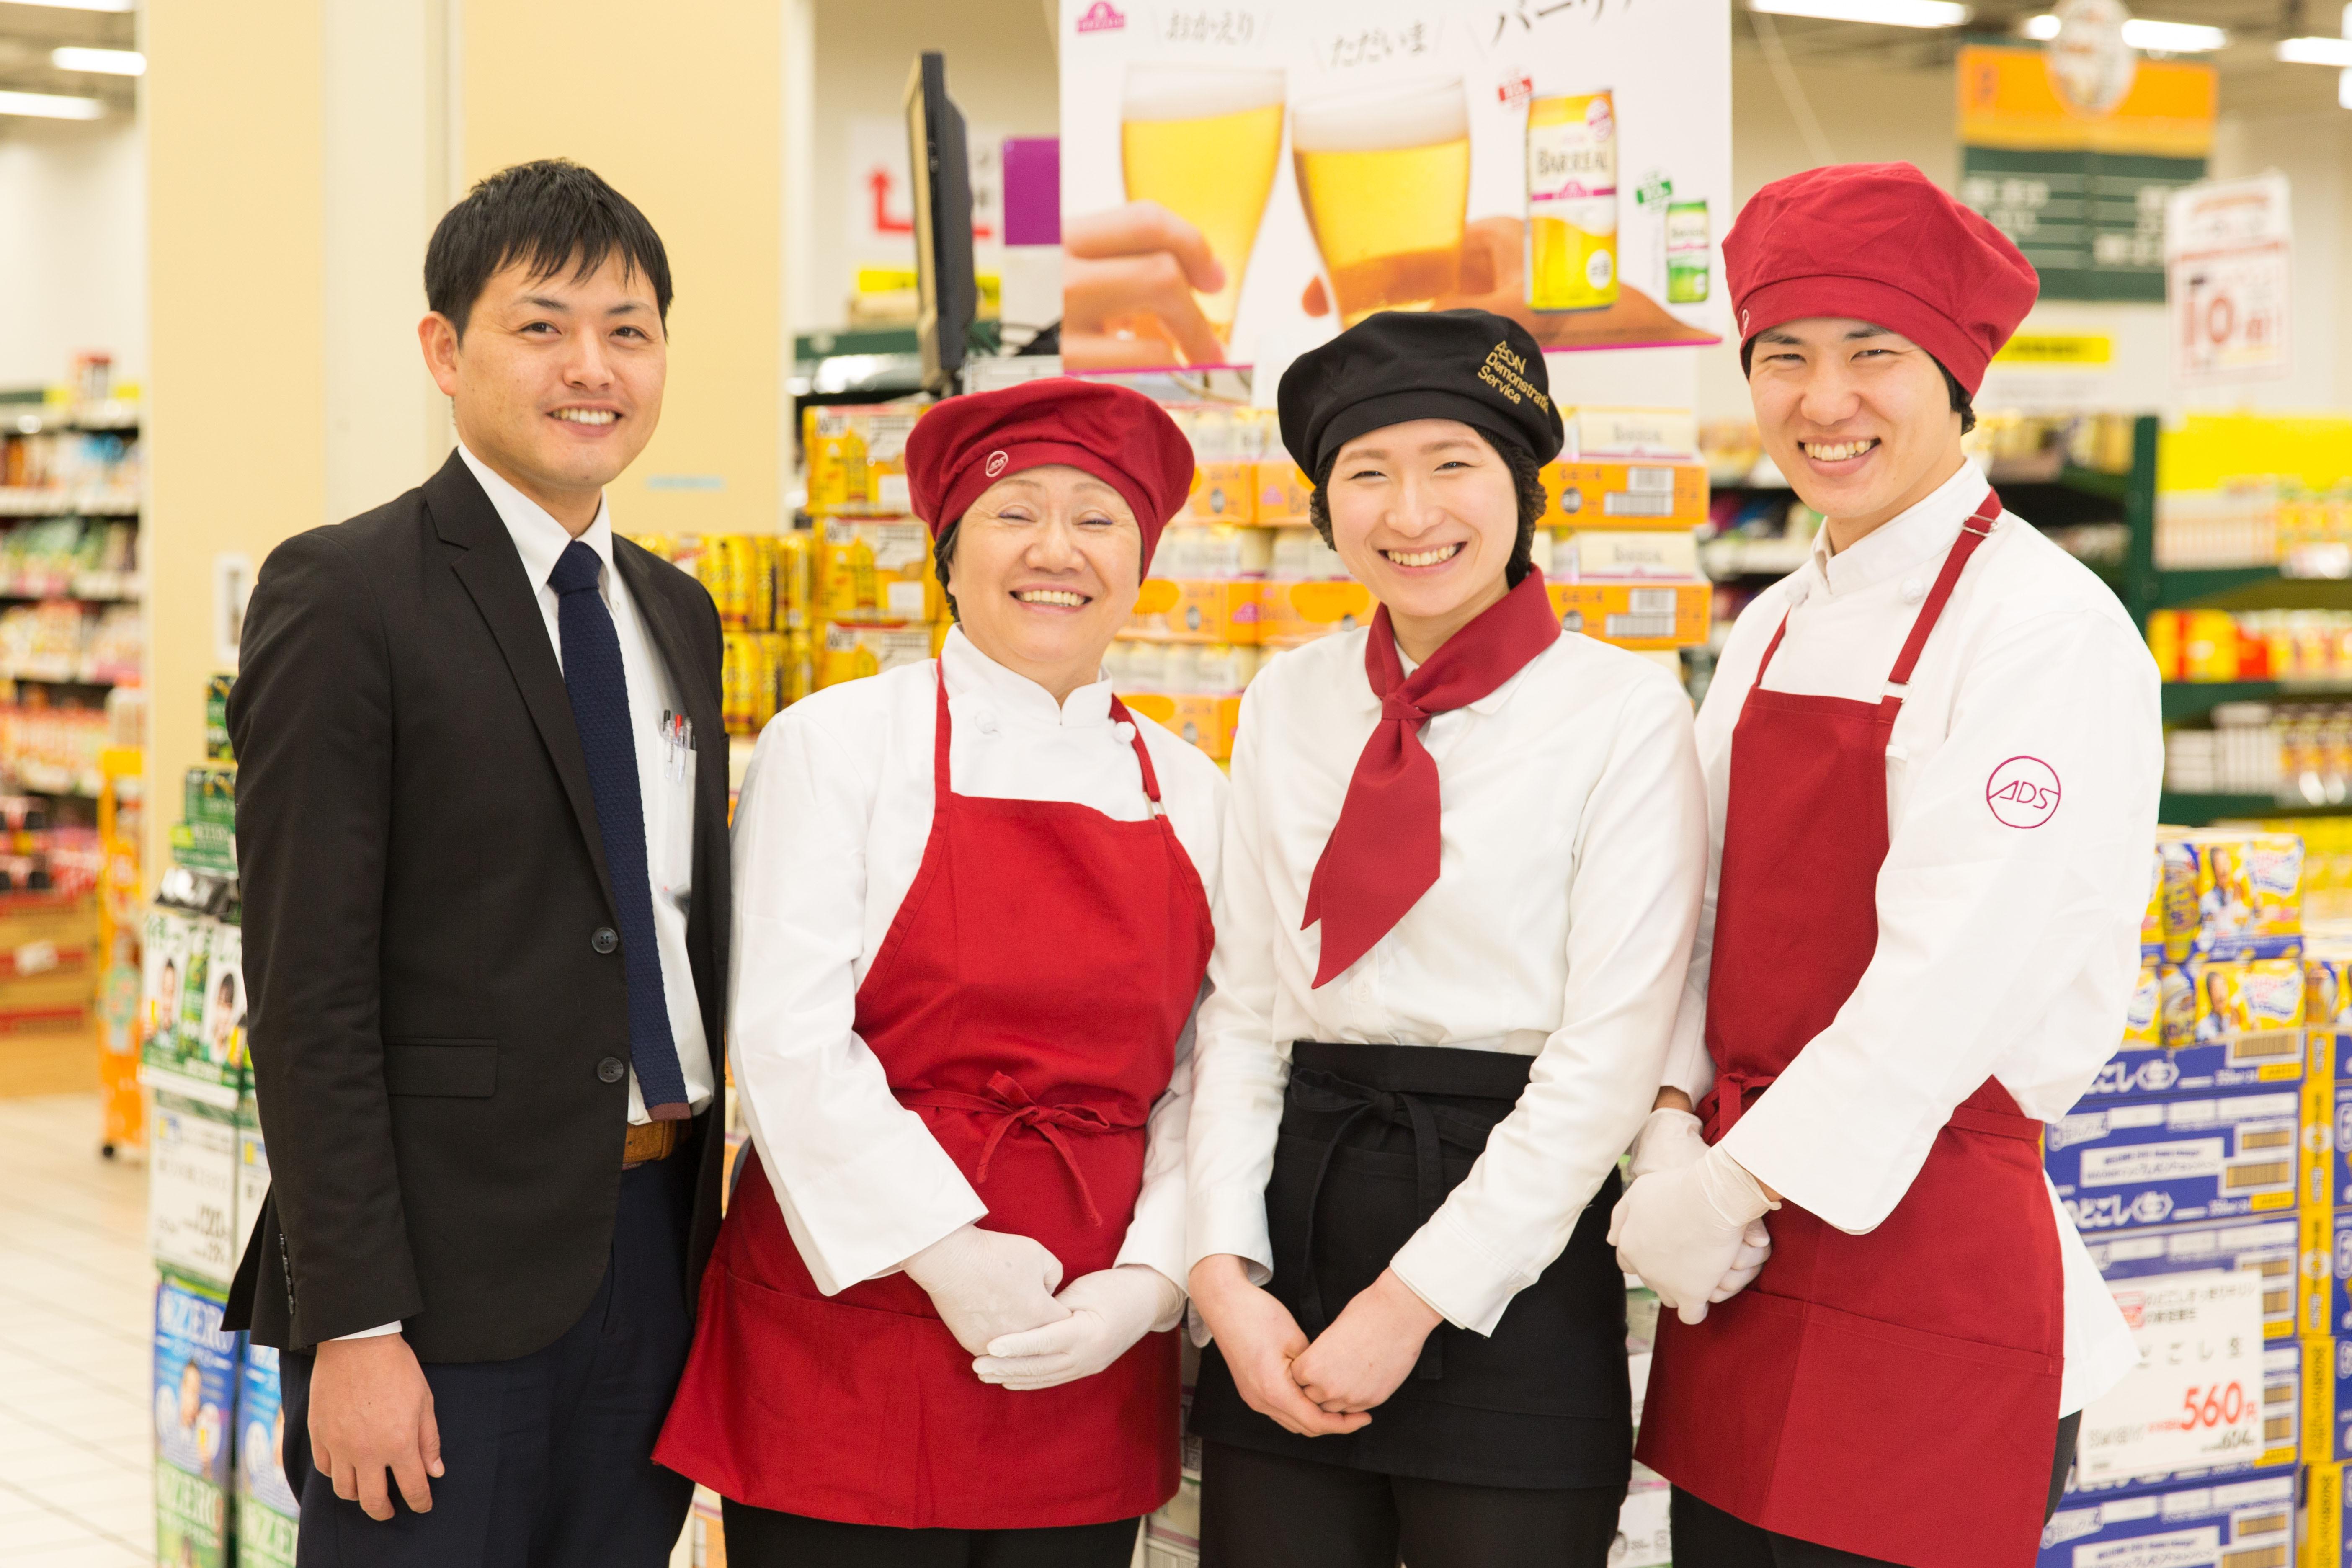 イオン 天王町店 のアルバイト情報